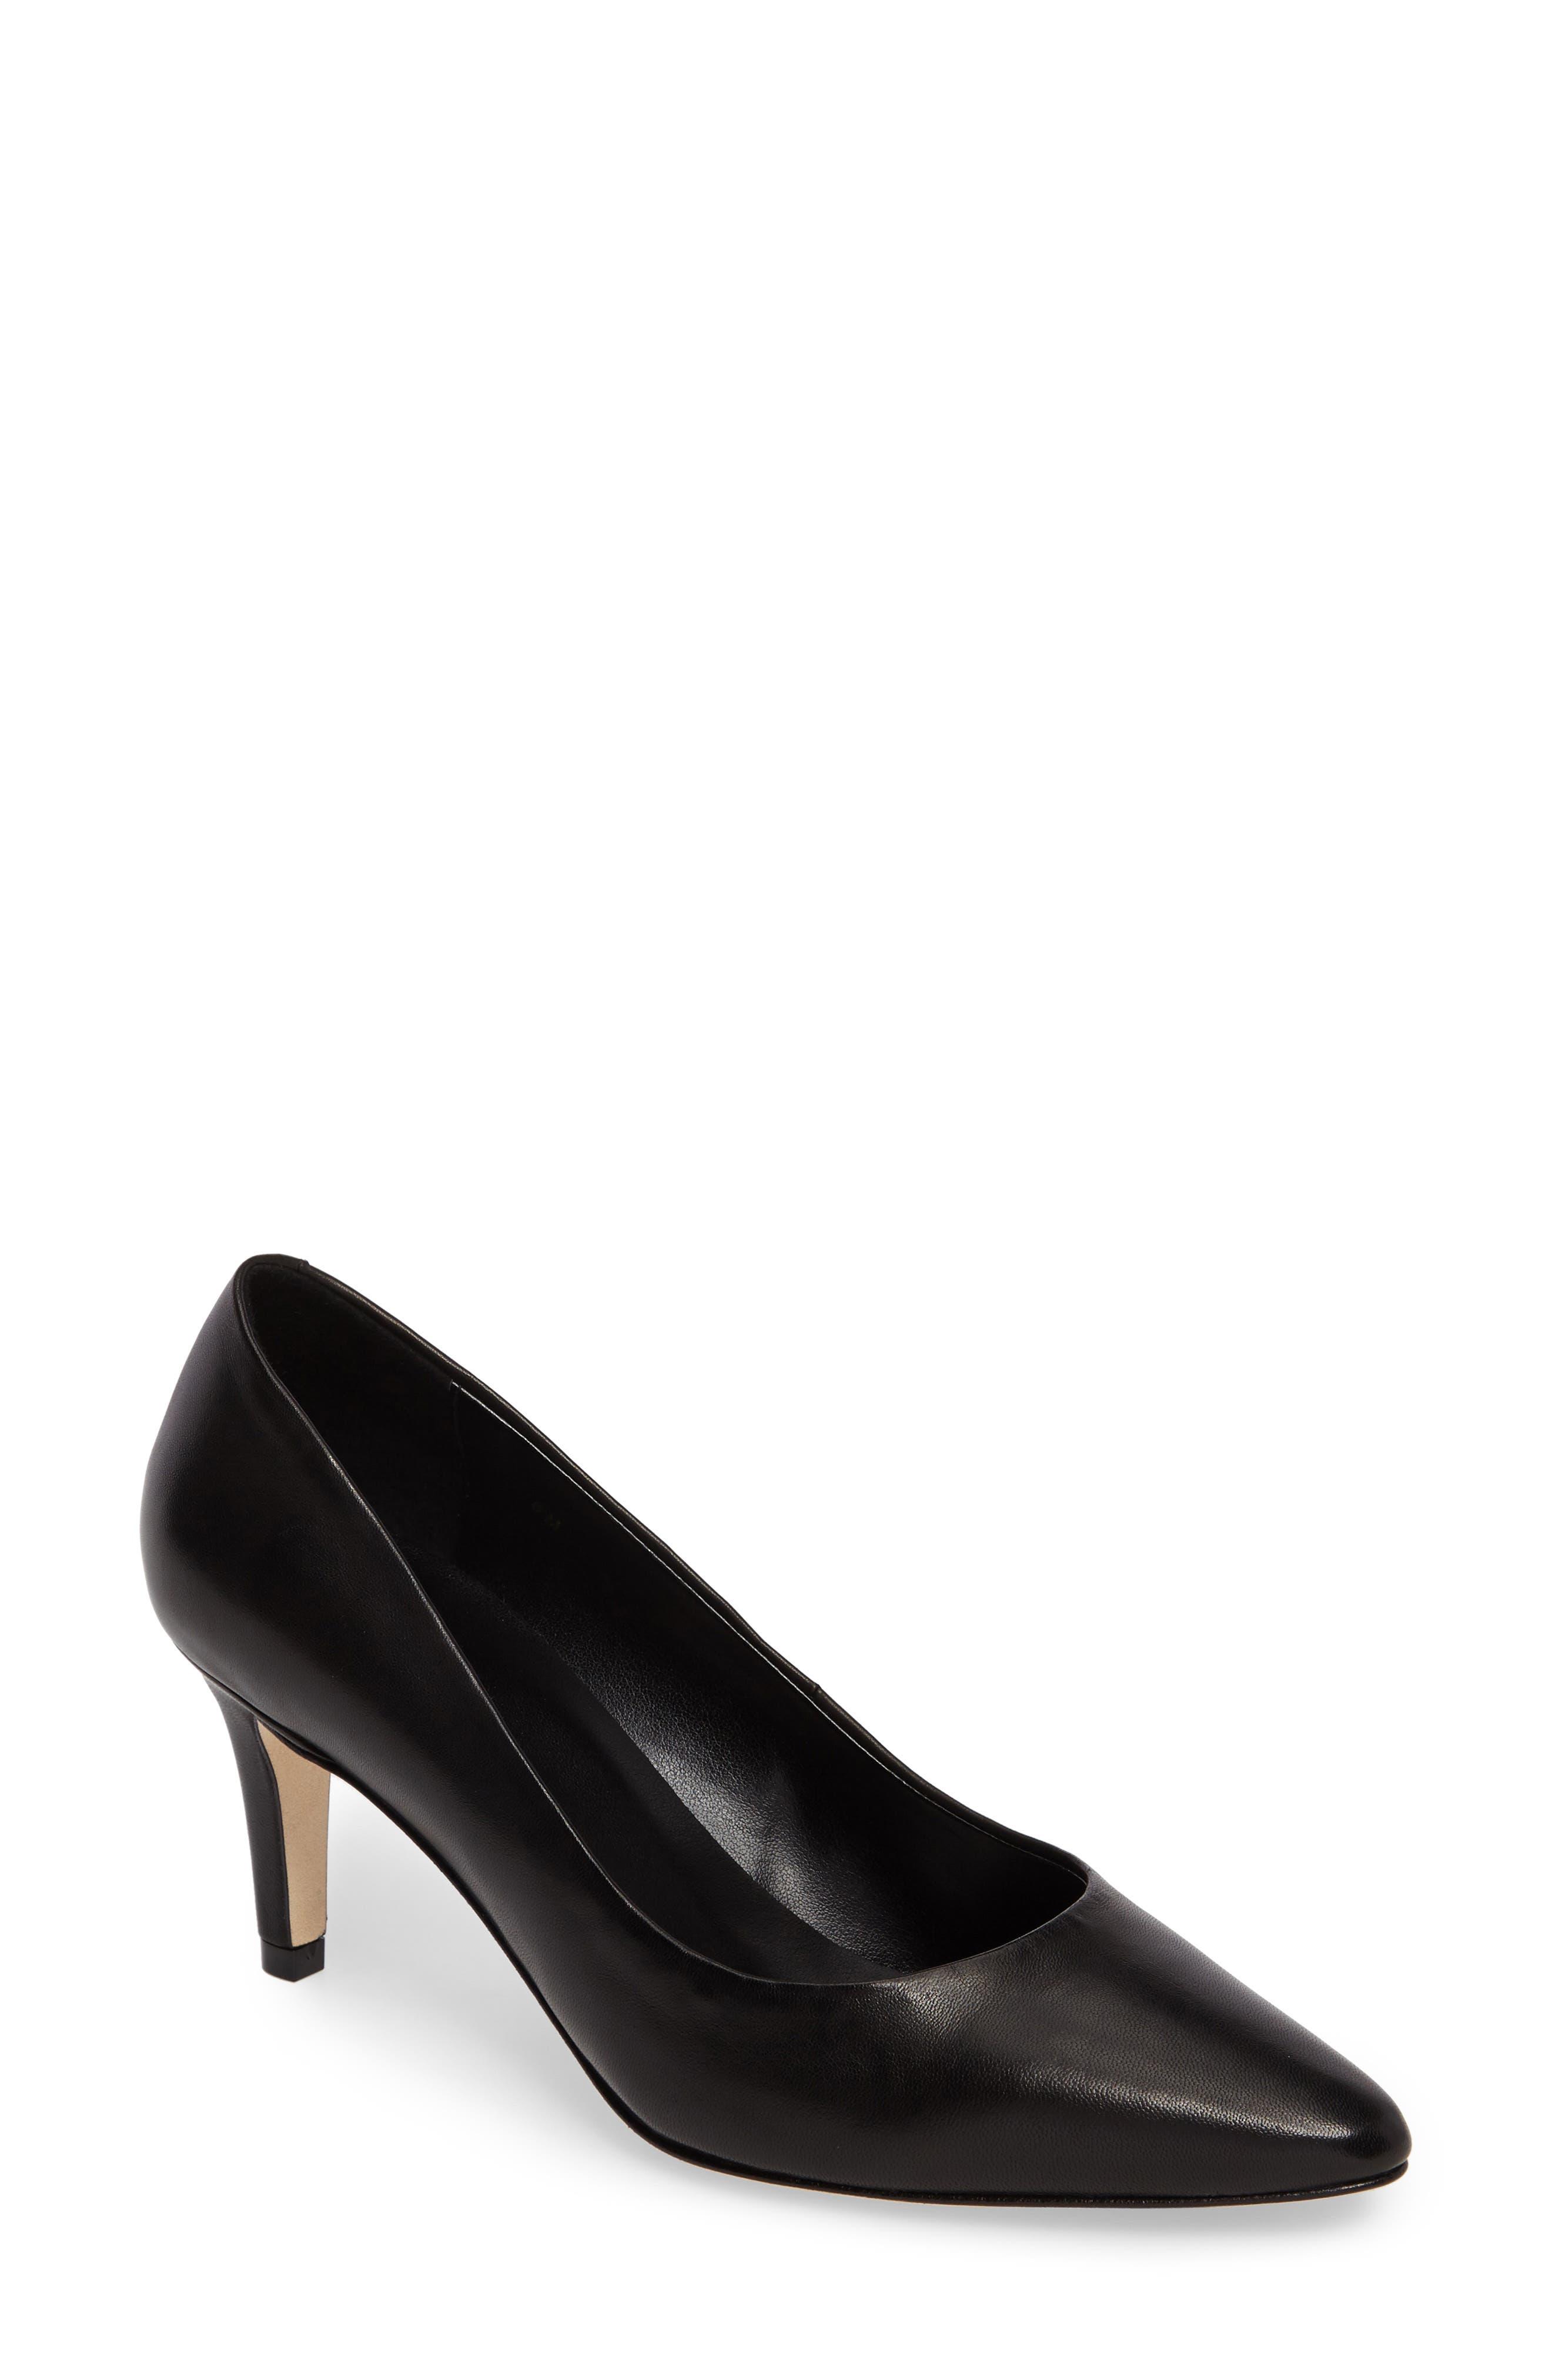 Hattie Pump,                         Main,                         color, Black Leather